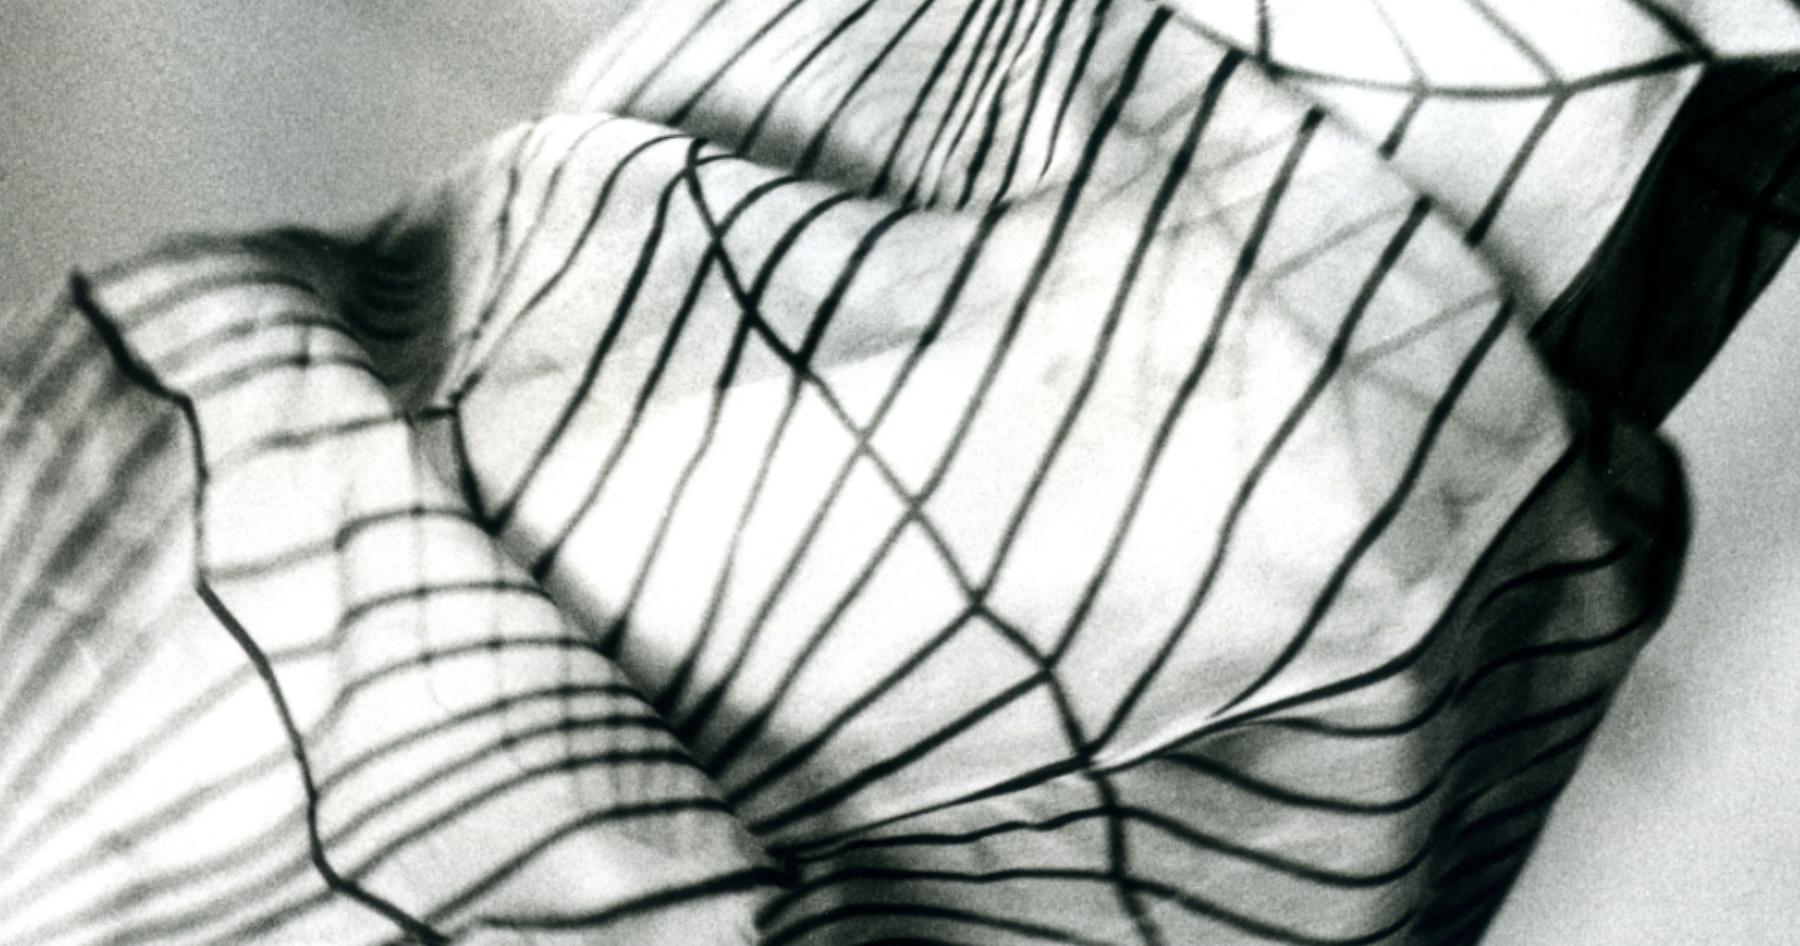 Stil-Stengel, Design nach Mass, Textilkunst, Siebdruck auf Organza